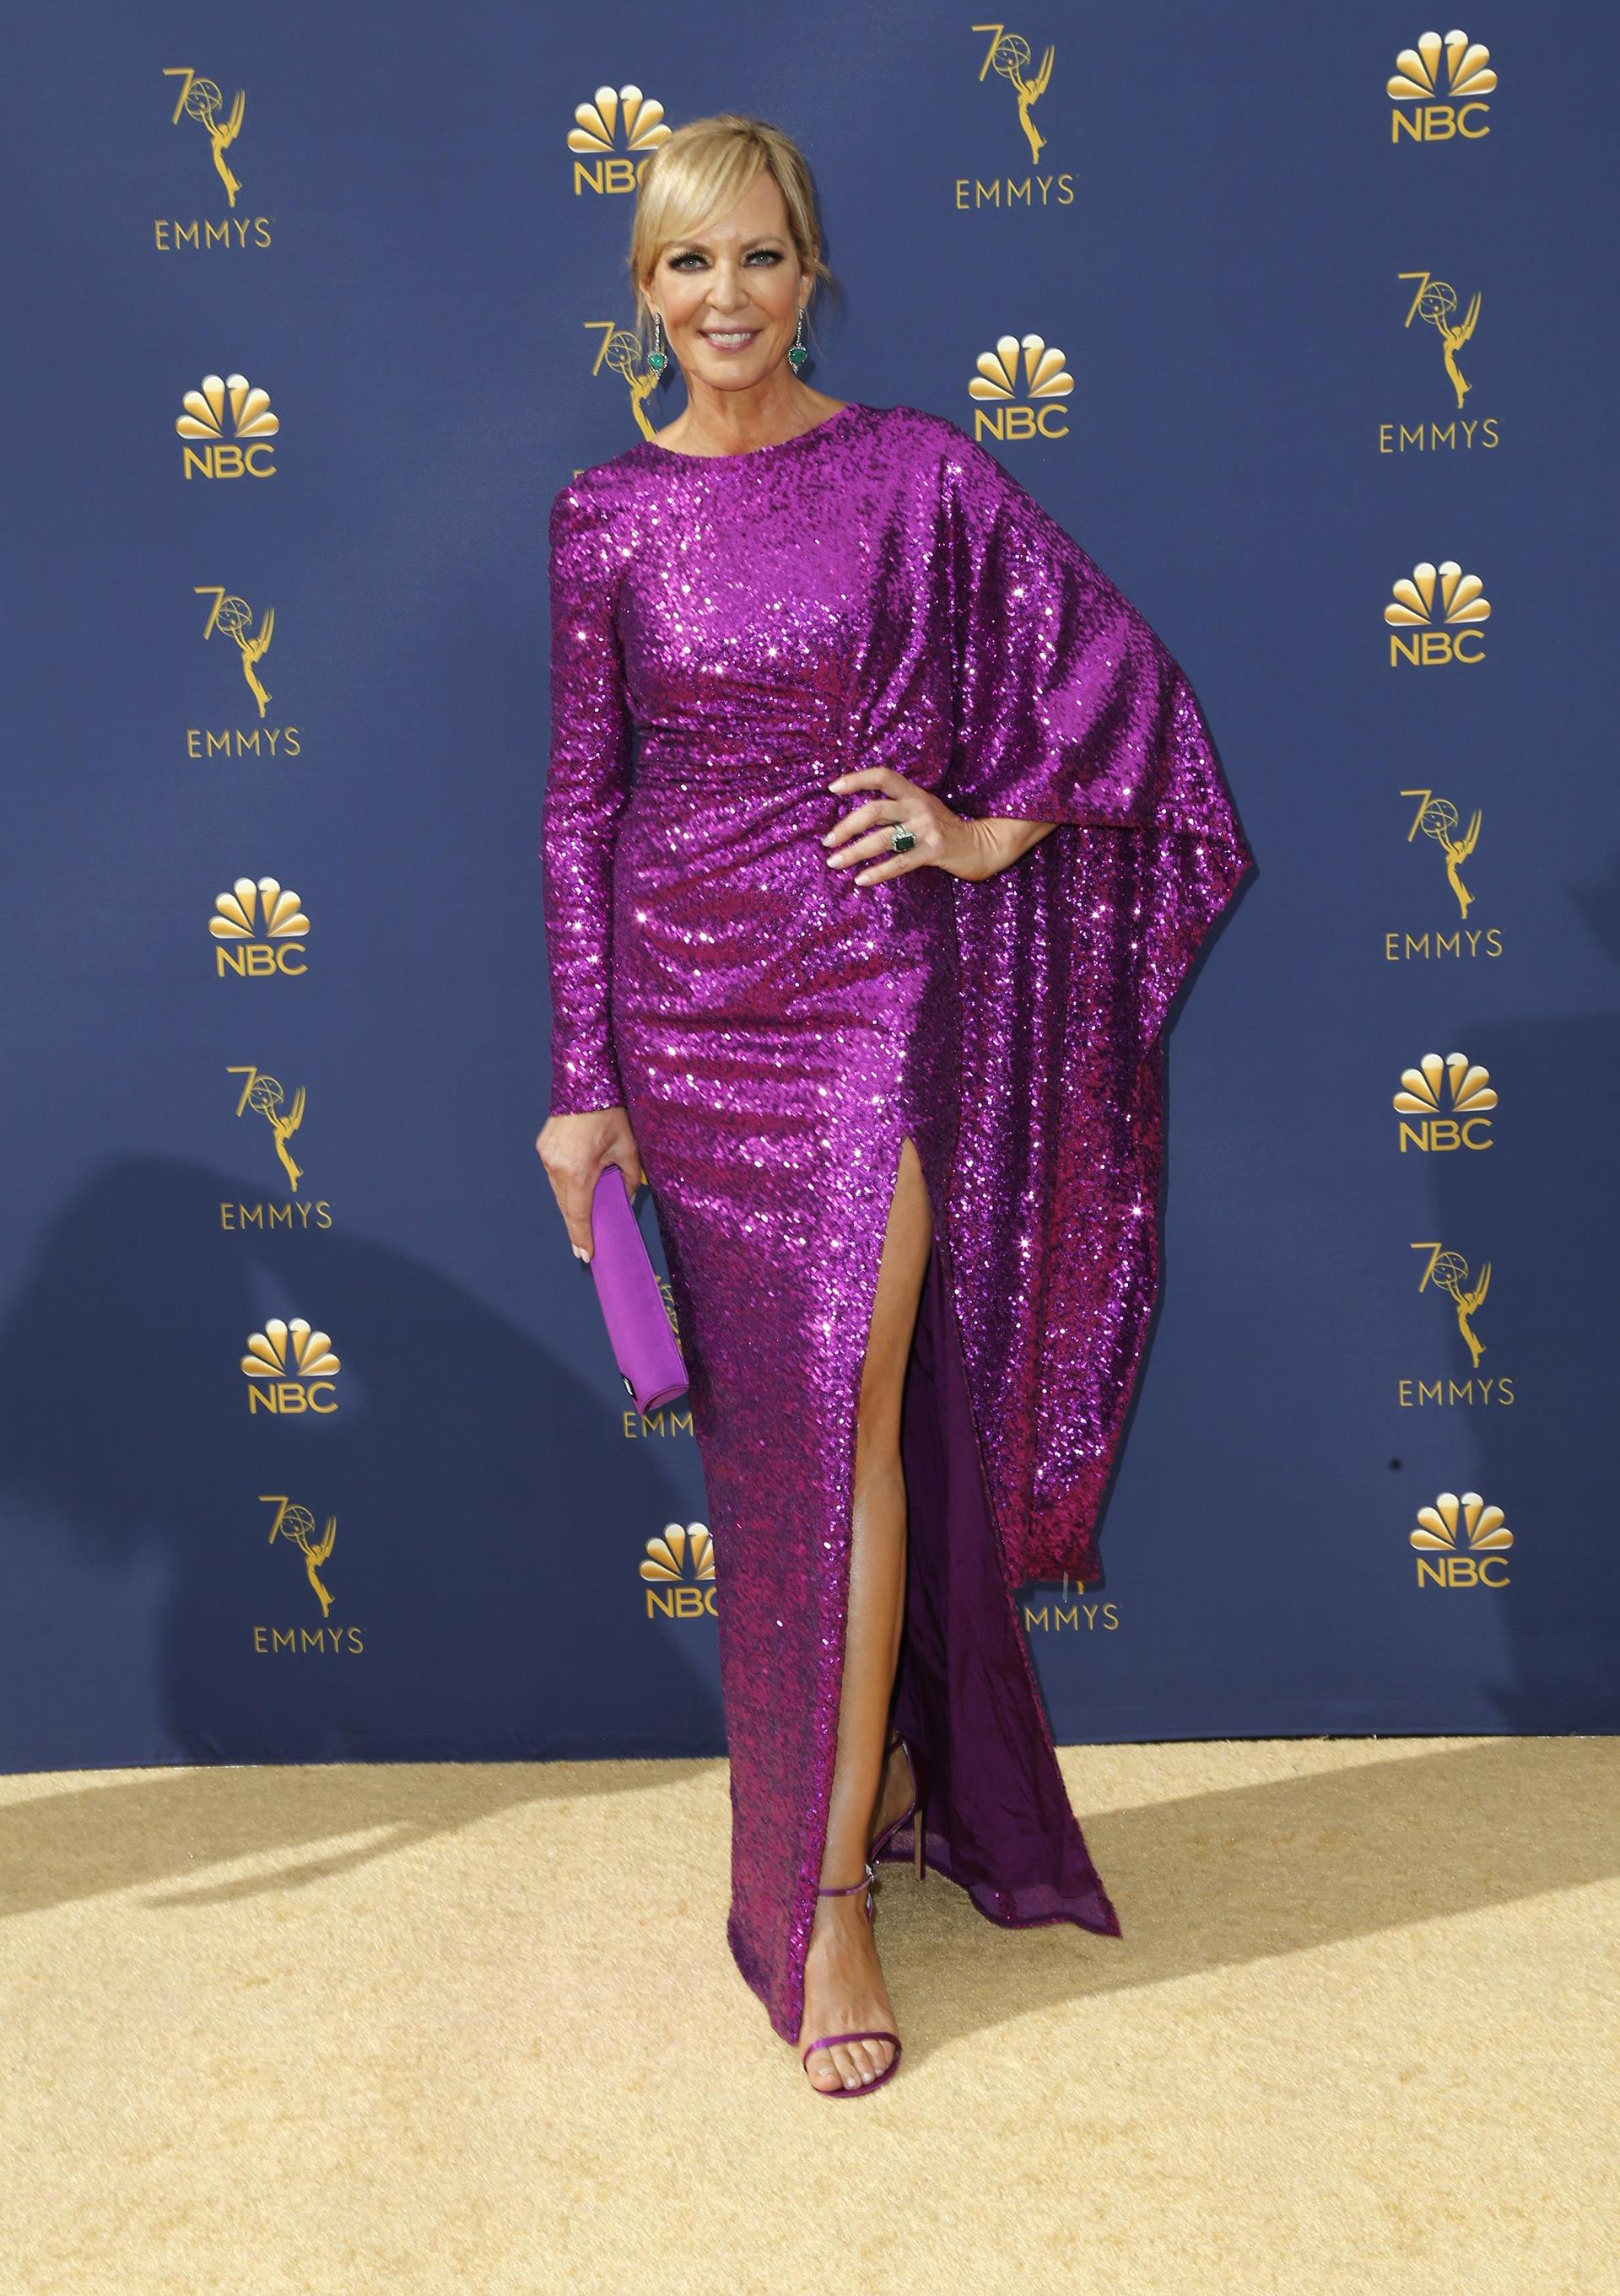 Allison Janney, entre las más osadas de la noche con un vestido de lentejuelas violetas